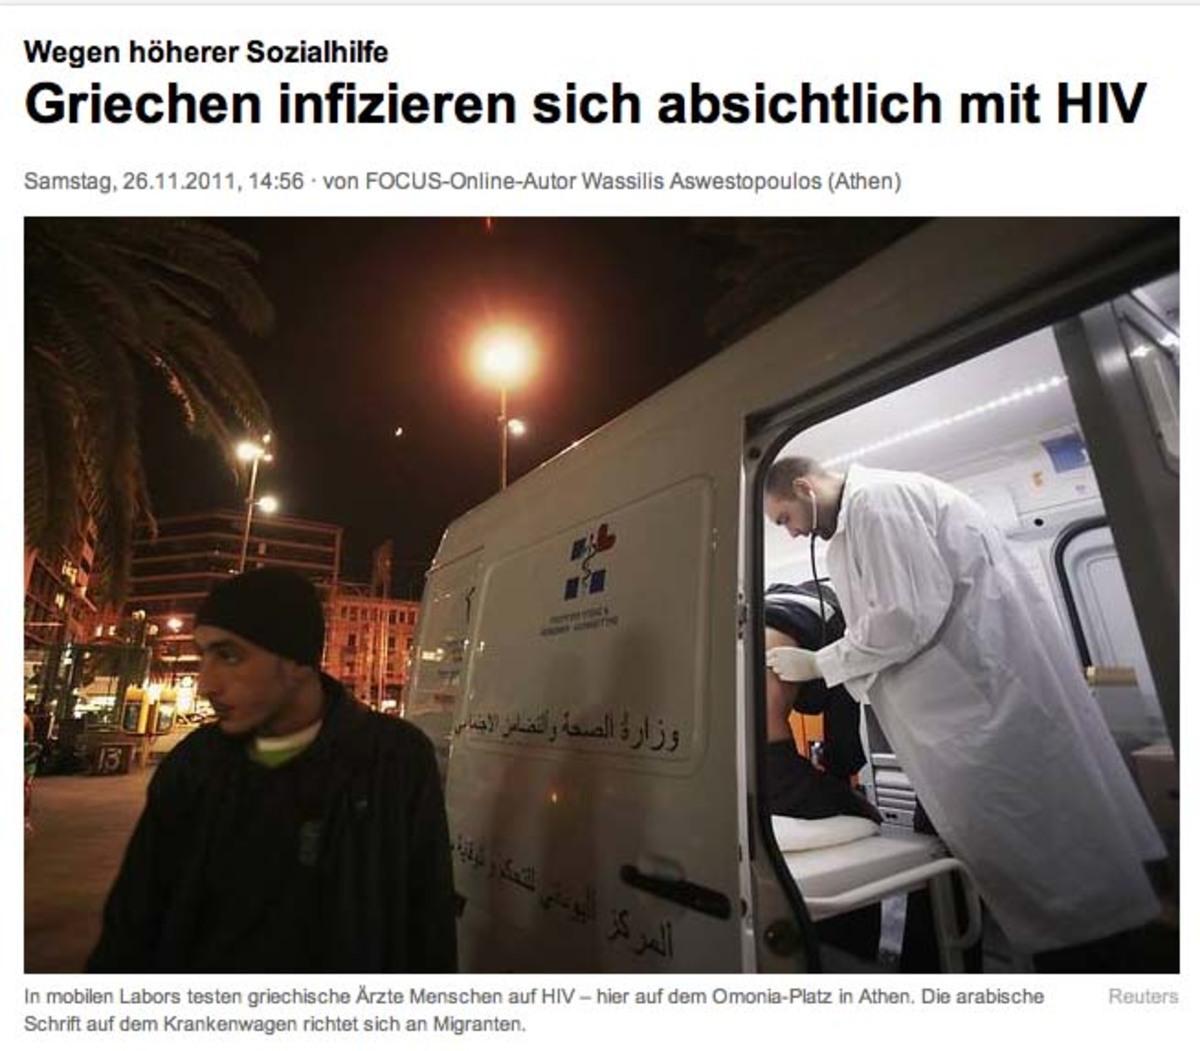 Κατάπτυστο δημοσίευμα του Focus – Λέει ότι οι έλληνες κολλάνε Aids για να παίρνουν το επίδομα! | Newsit.gr